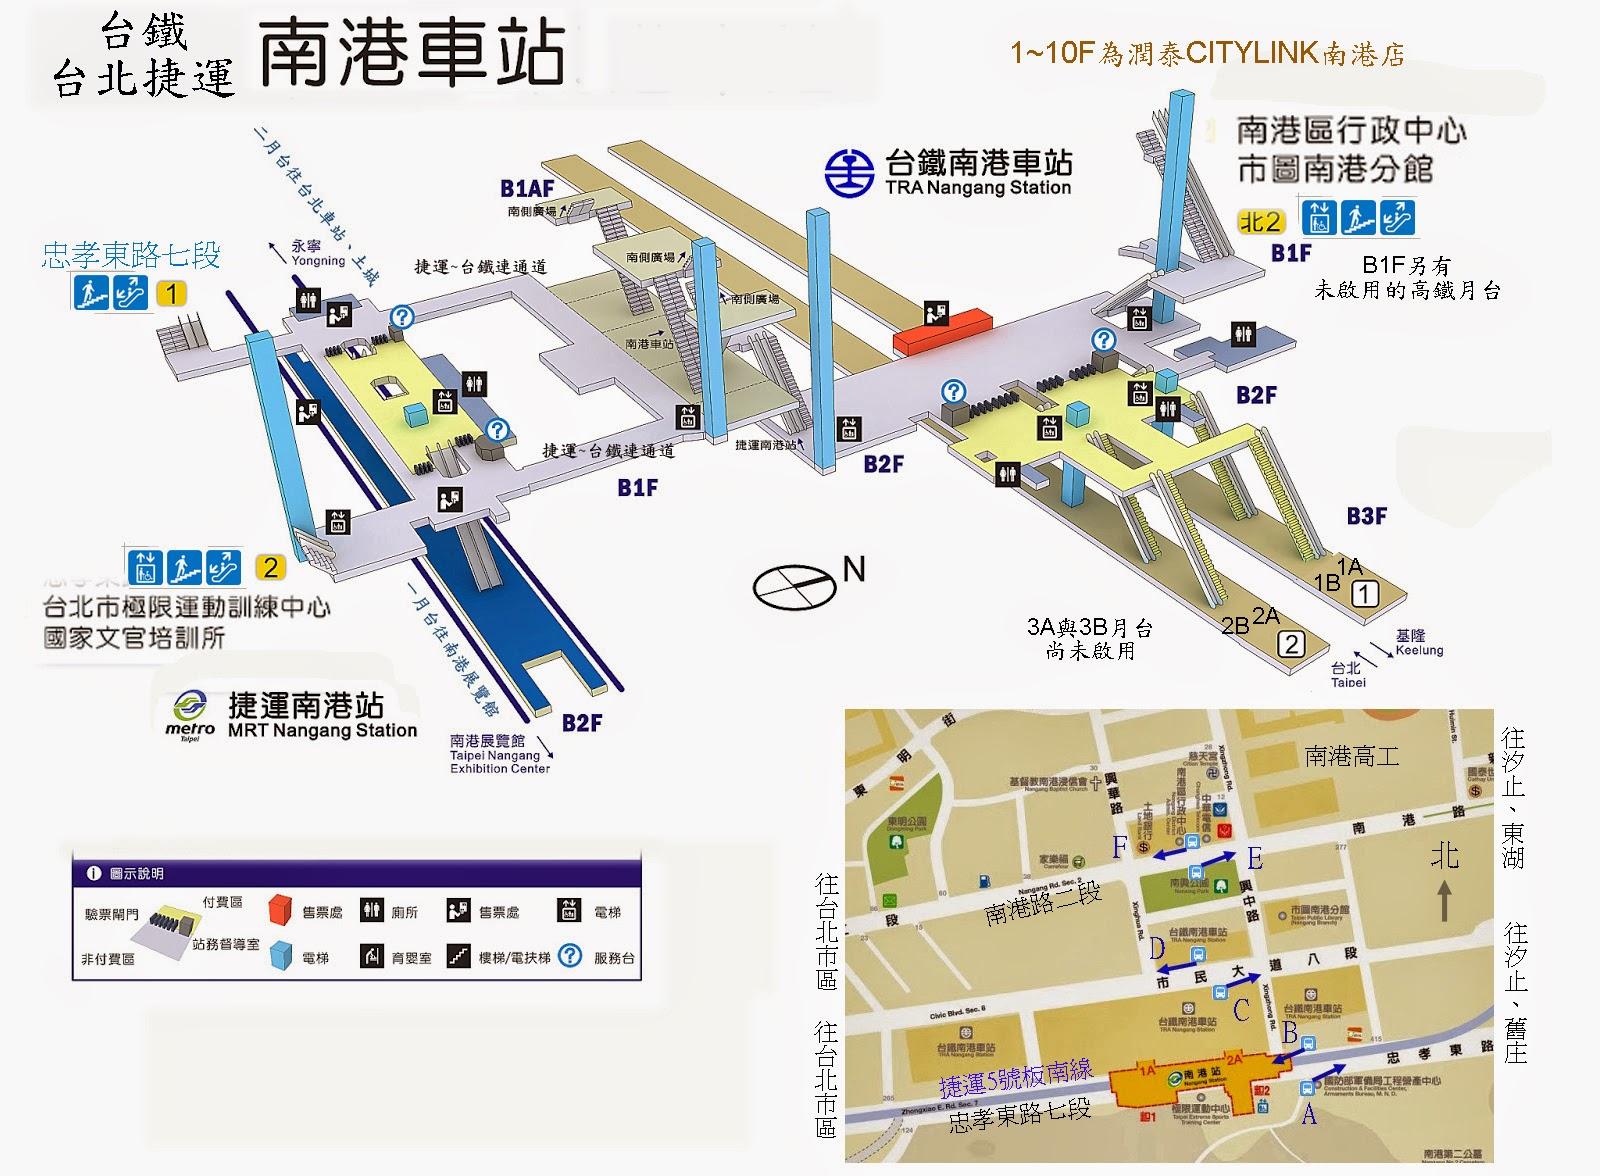 黃民彰的網站--Taiwan Taipei: 臺鐵與捷運南港站的資訊及其周邊公車